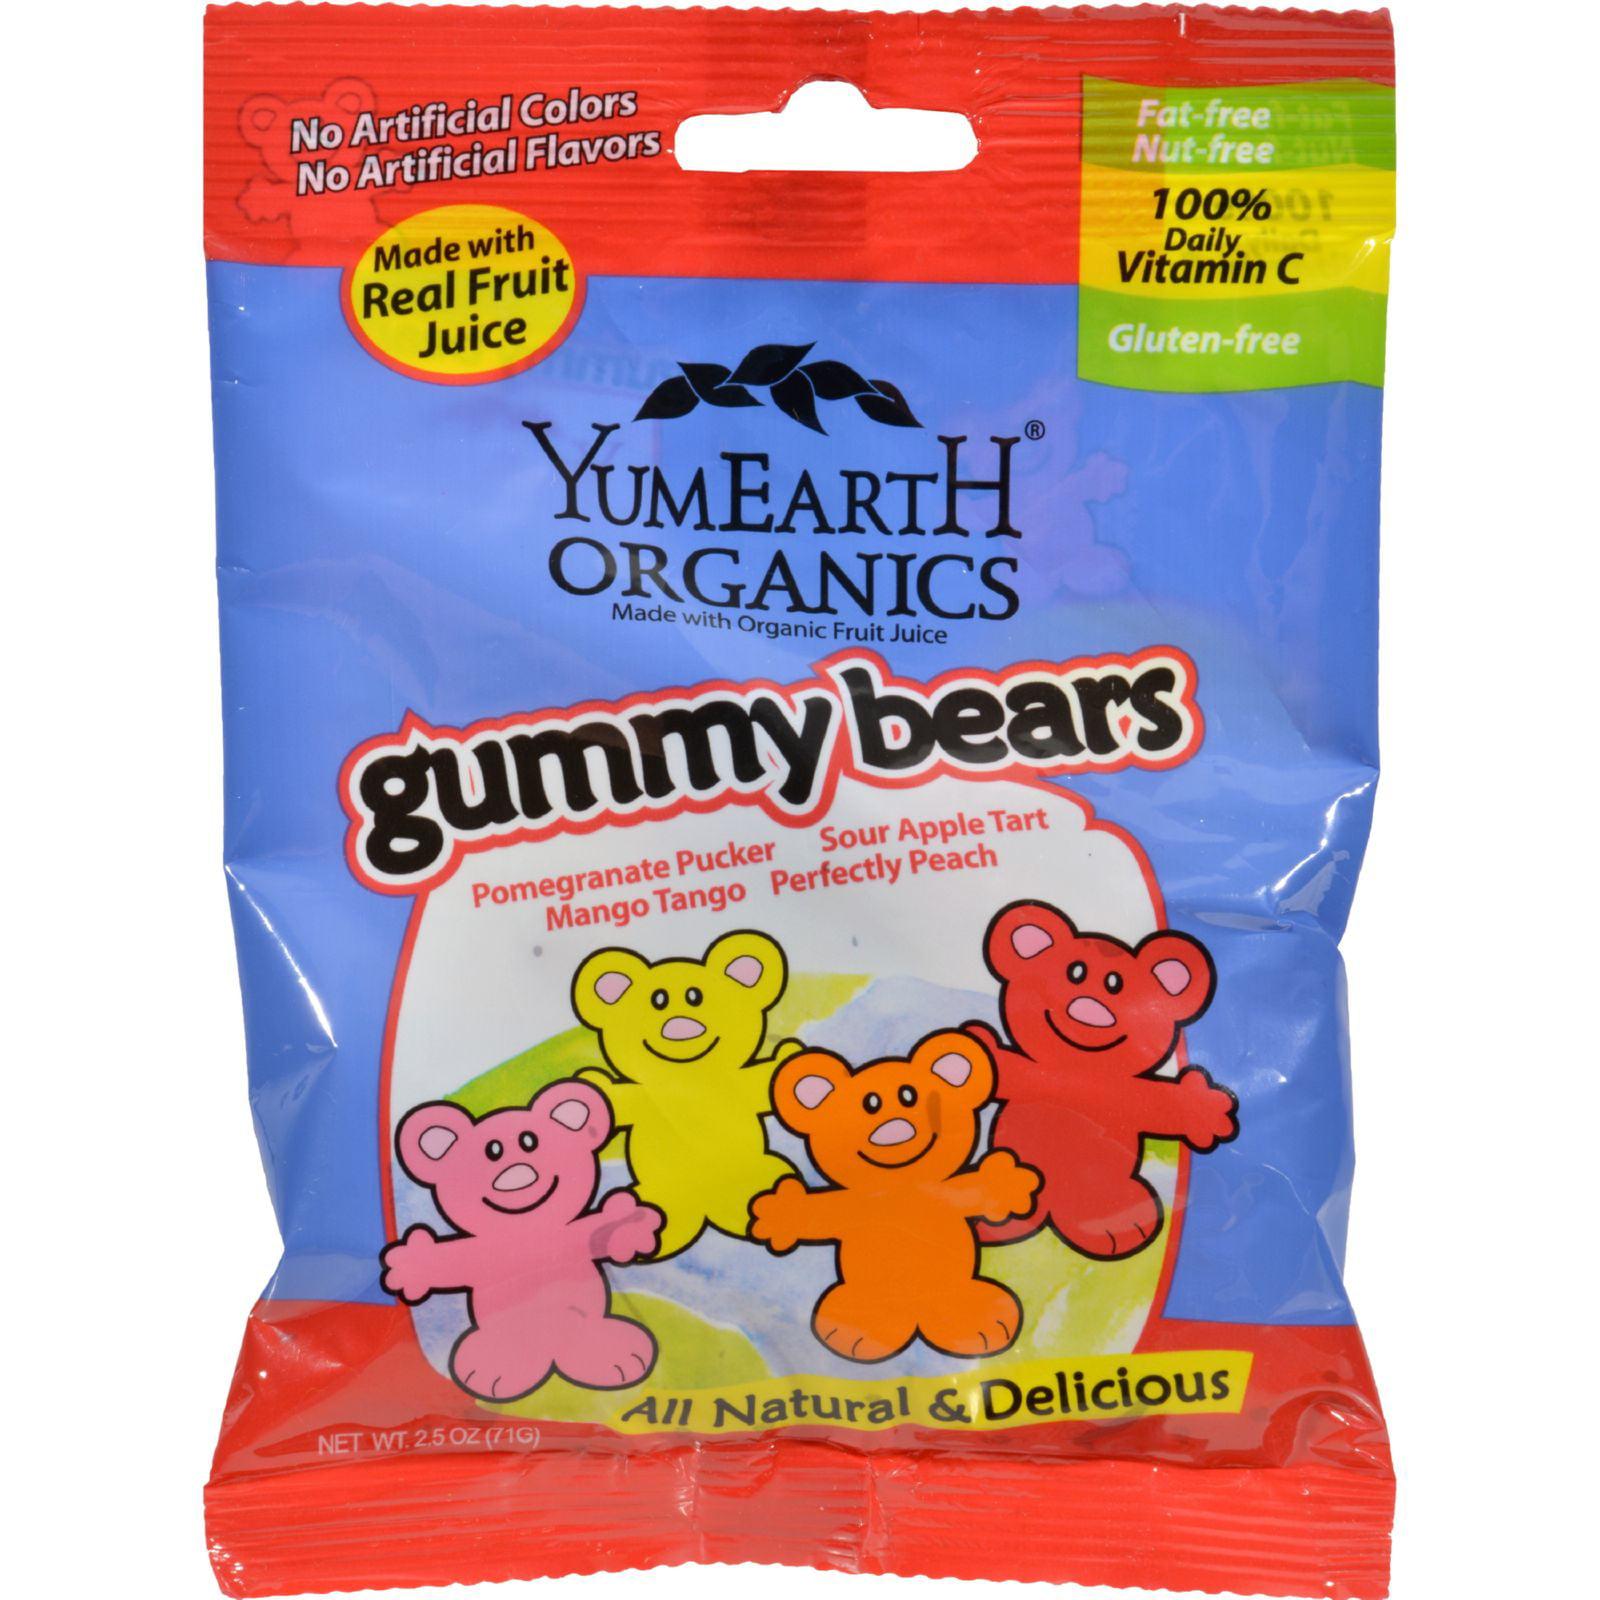 Yummy Earth Organic Gummy Bears - Case of 12 - 2.5 oz